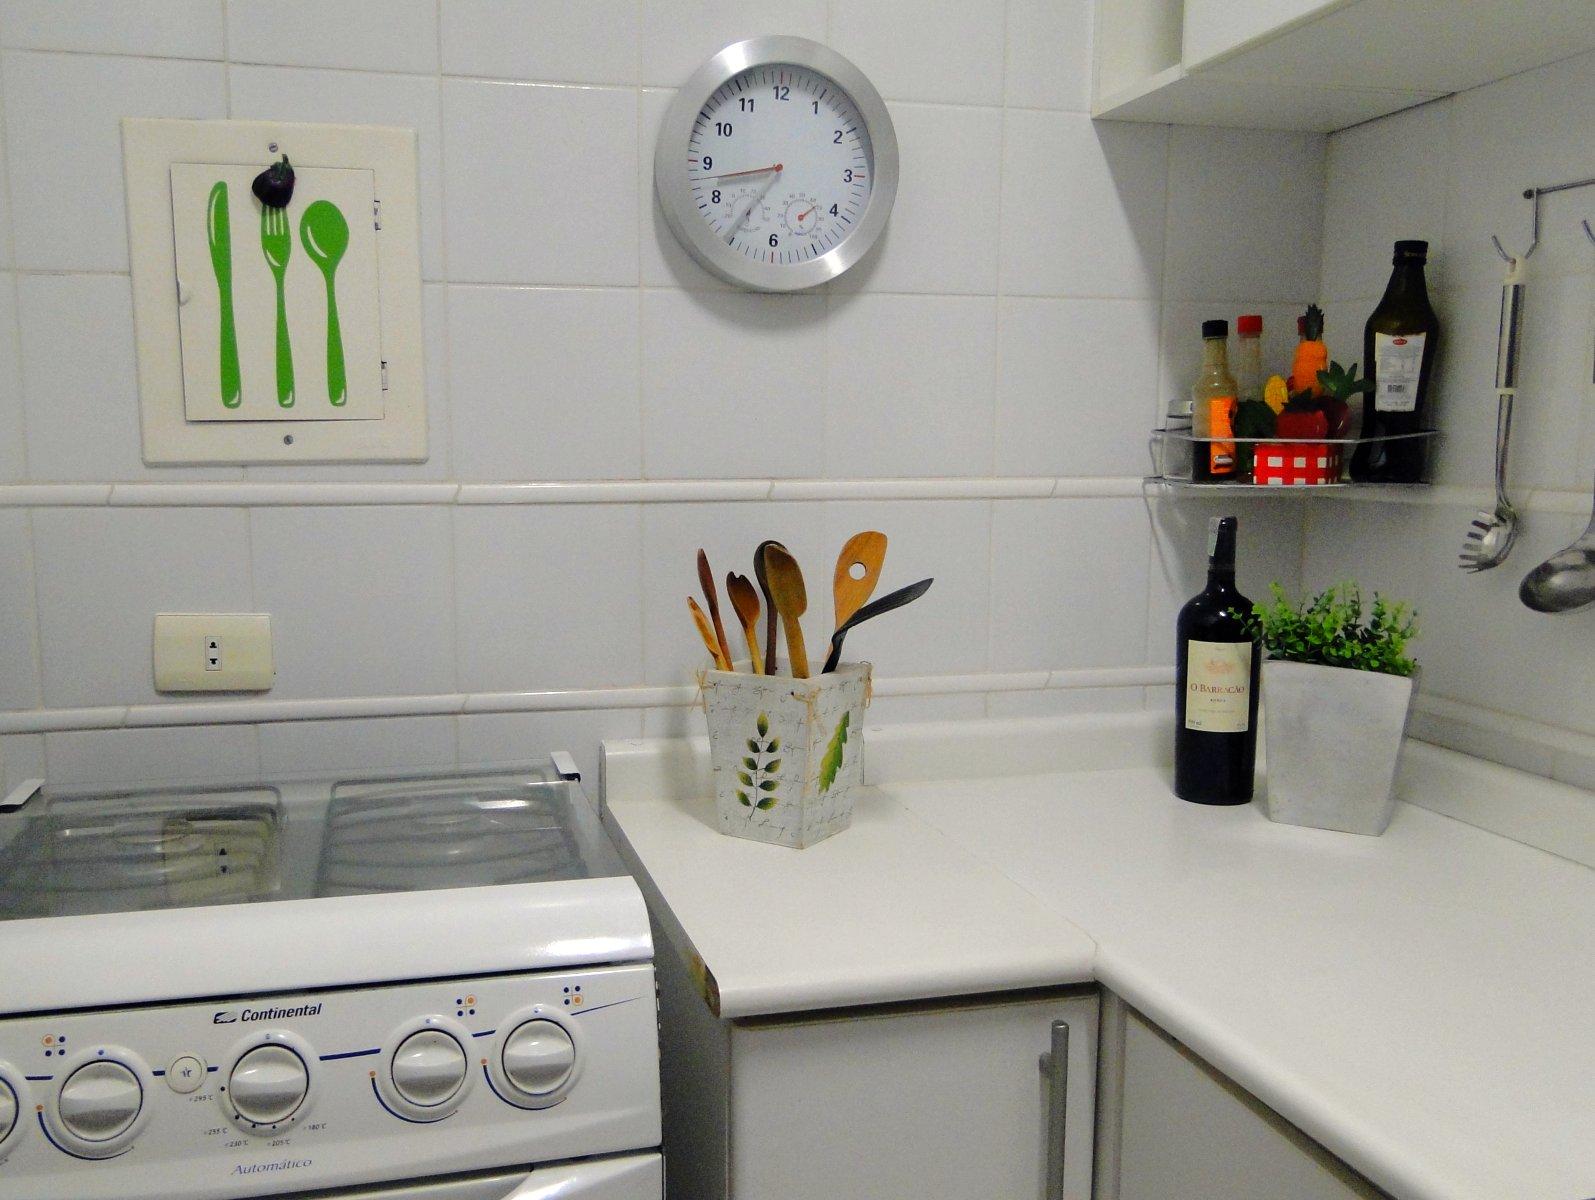 Cozinha Simples E Barata Cozinha Antiga With Cozinha Simples E